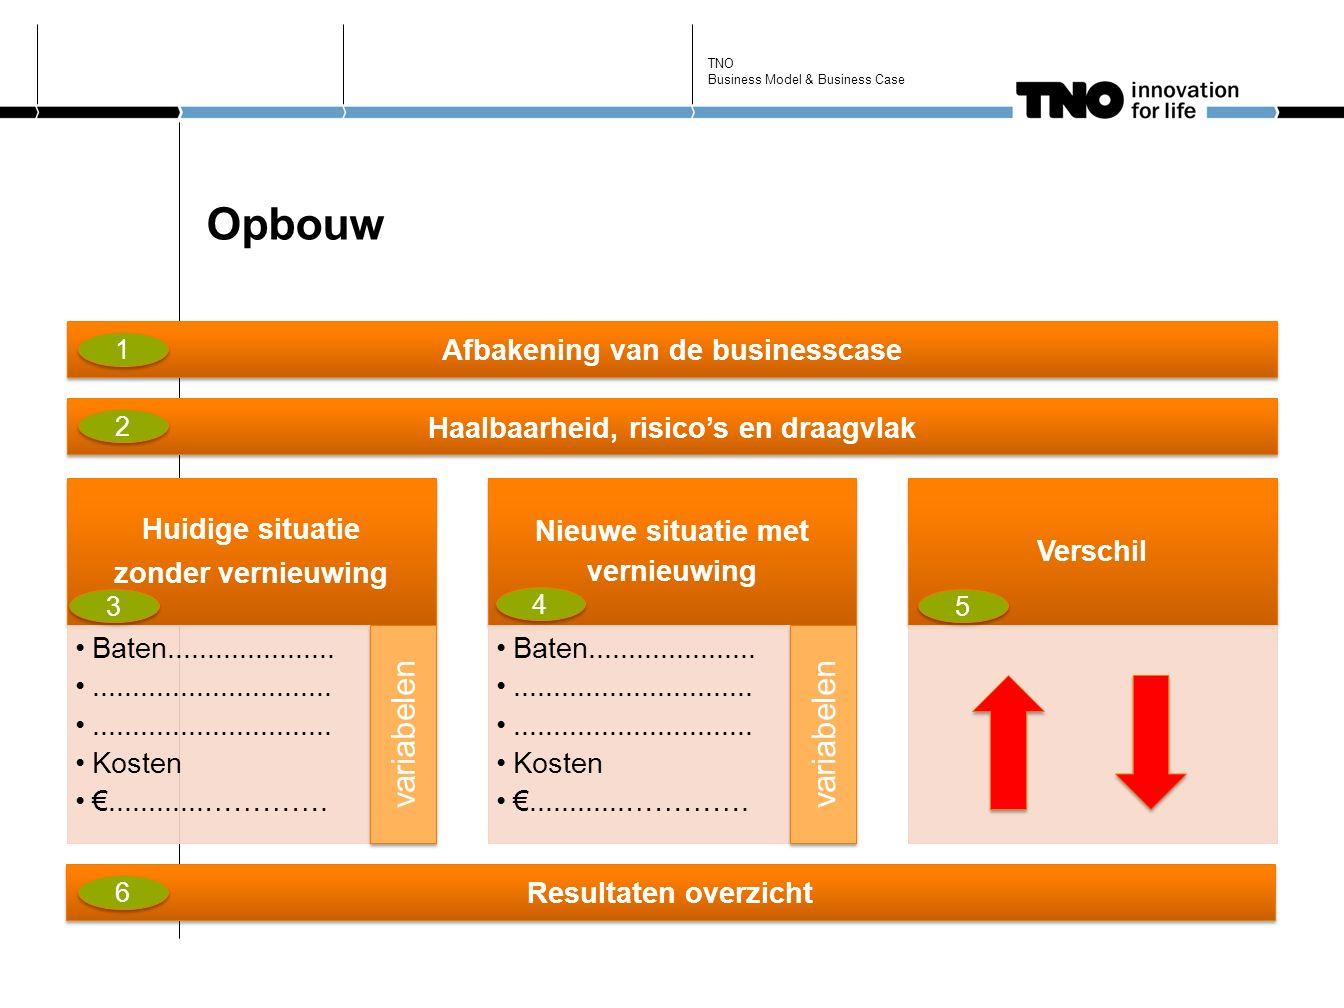 Opbouw TNO Business Model & Business Case Huidige situatie zonder vernieuwing Nieuwe situatie met vernieuwing Verschil Baten...................................................